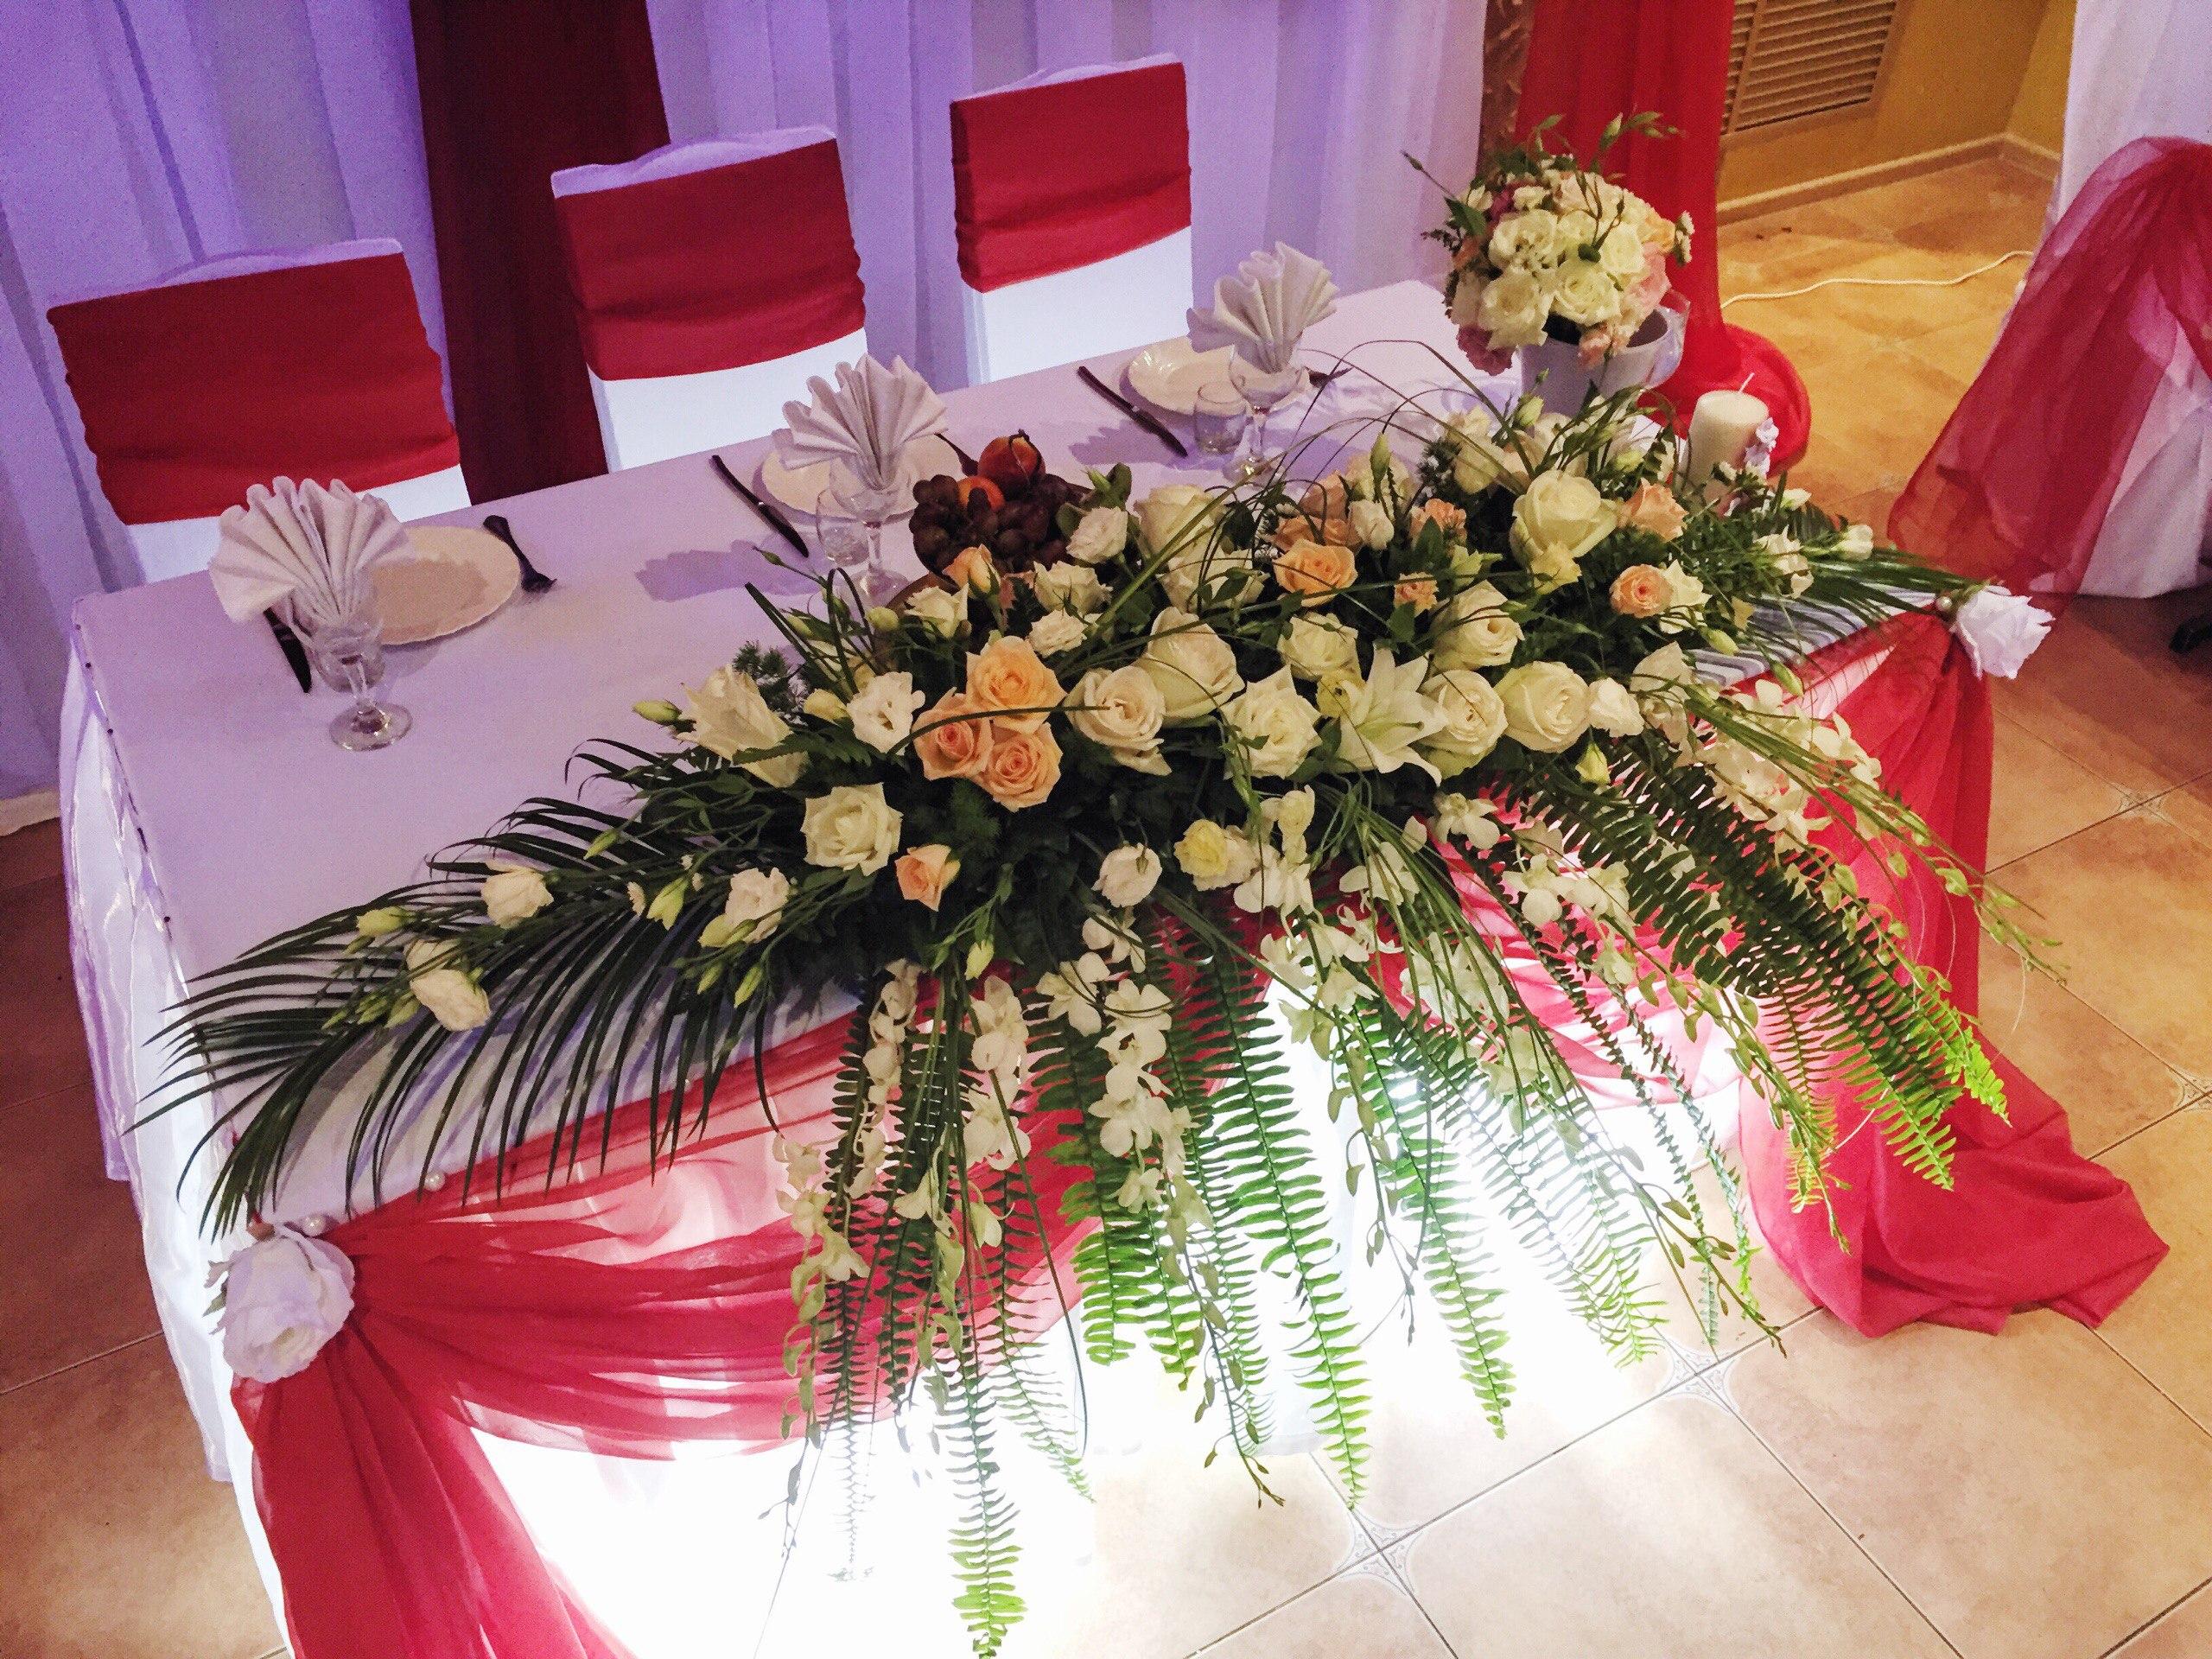 Доставка цветов в норильске на дом недорого, склады-магазины